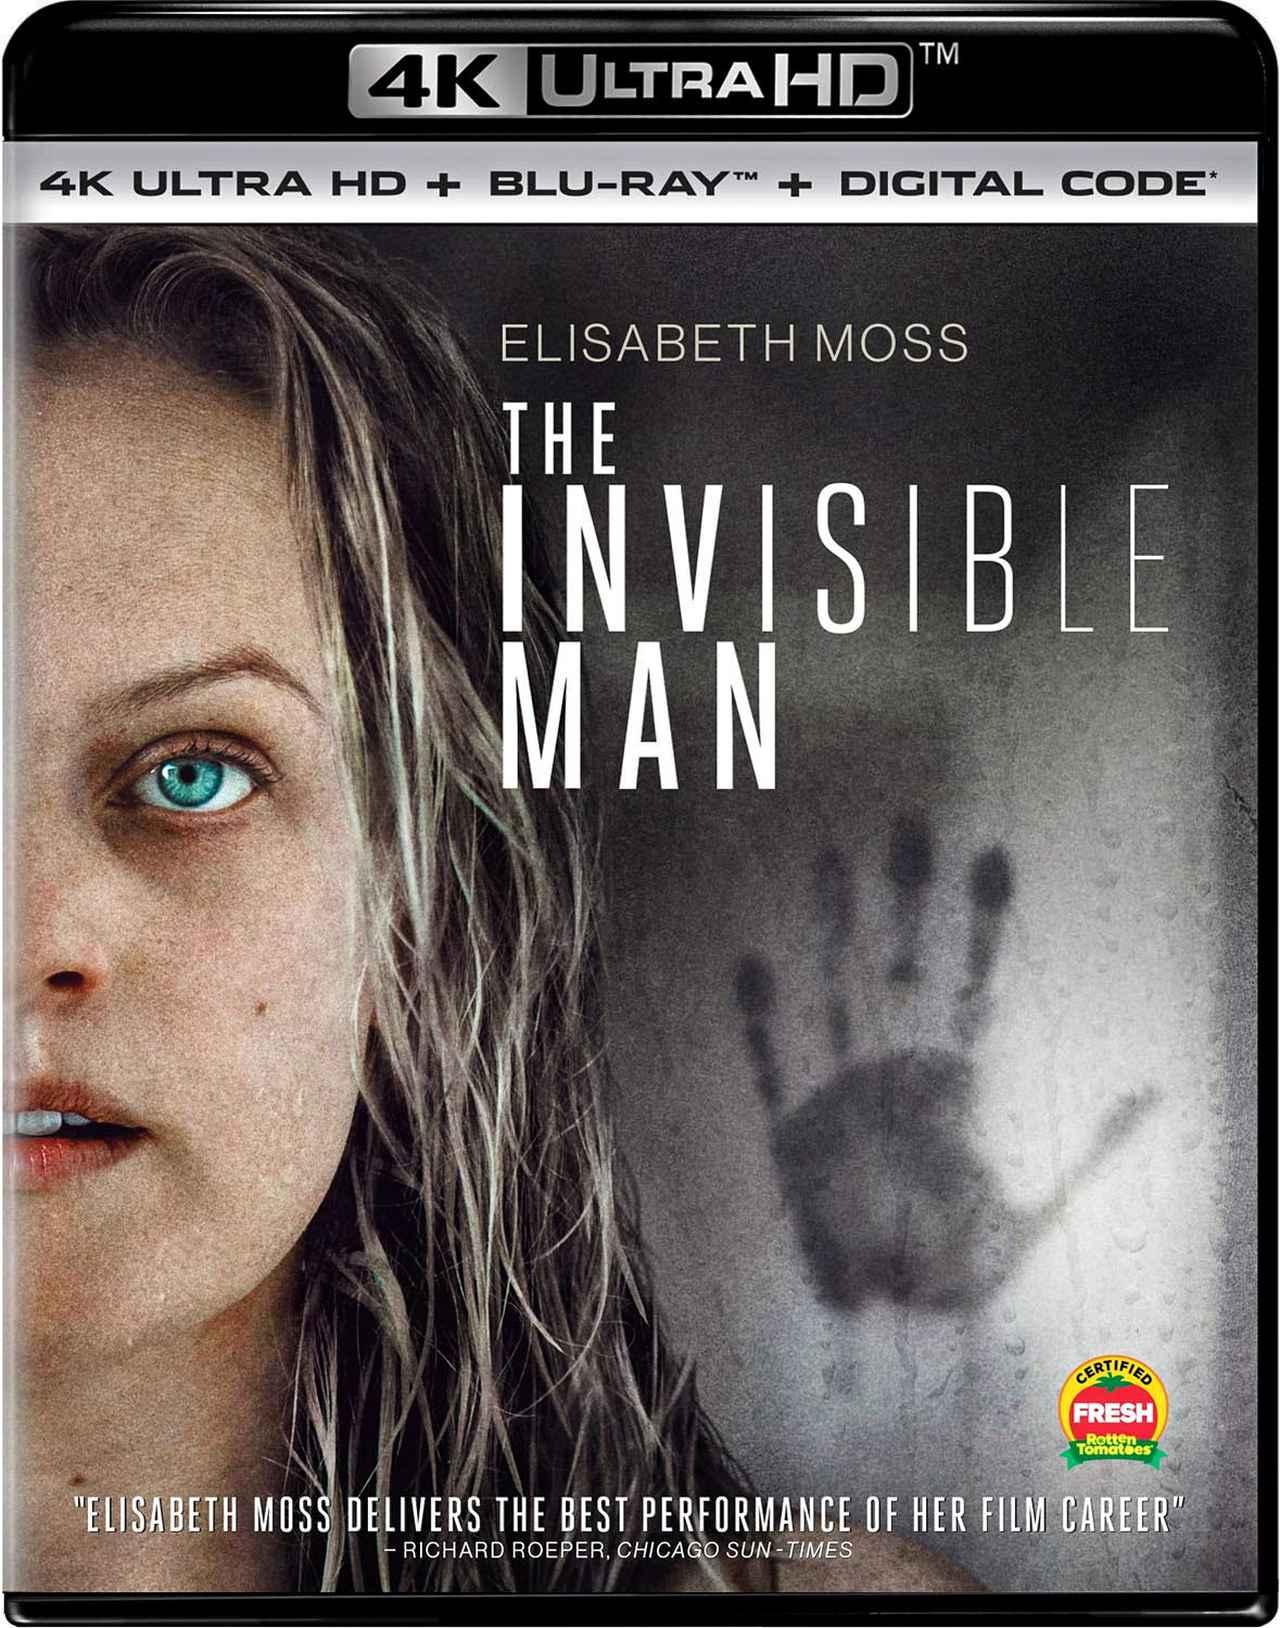 画像1: ユニバーサル・モンスター映画をリブート『透明人間』【海外盤Blu-ray発売情報】